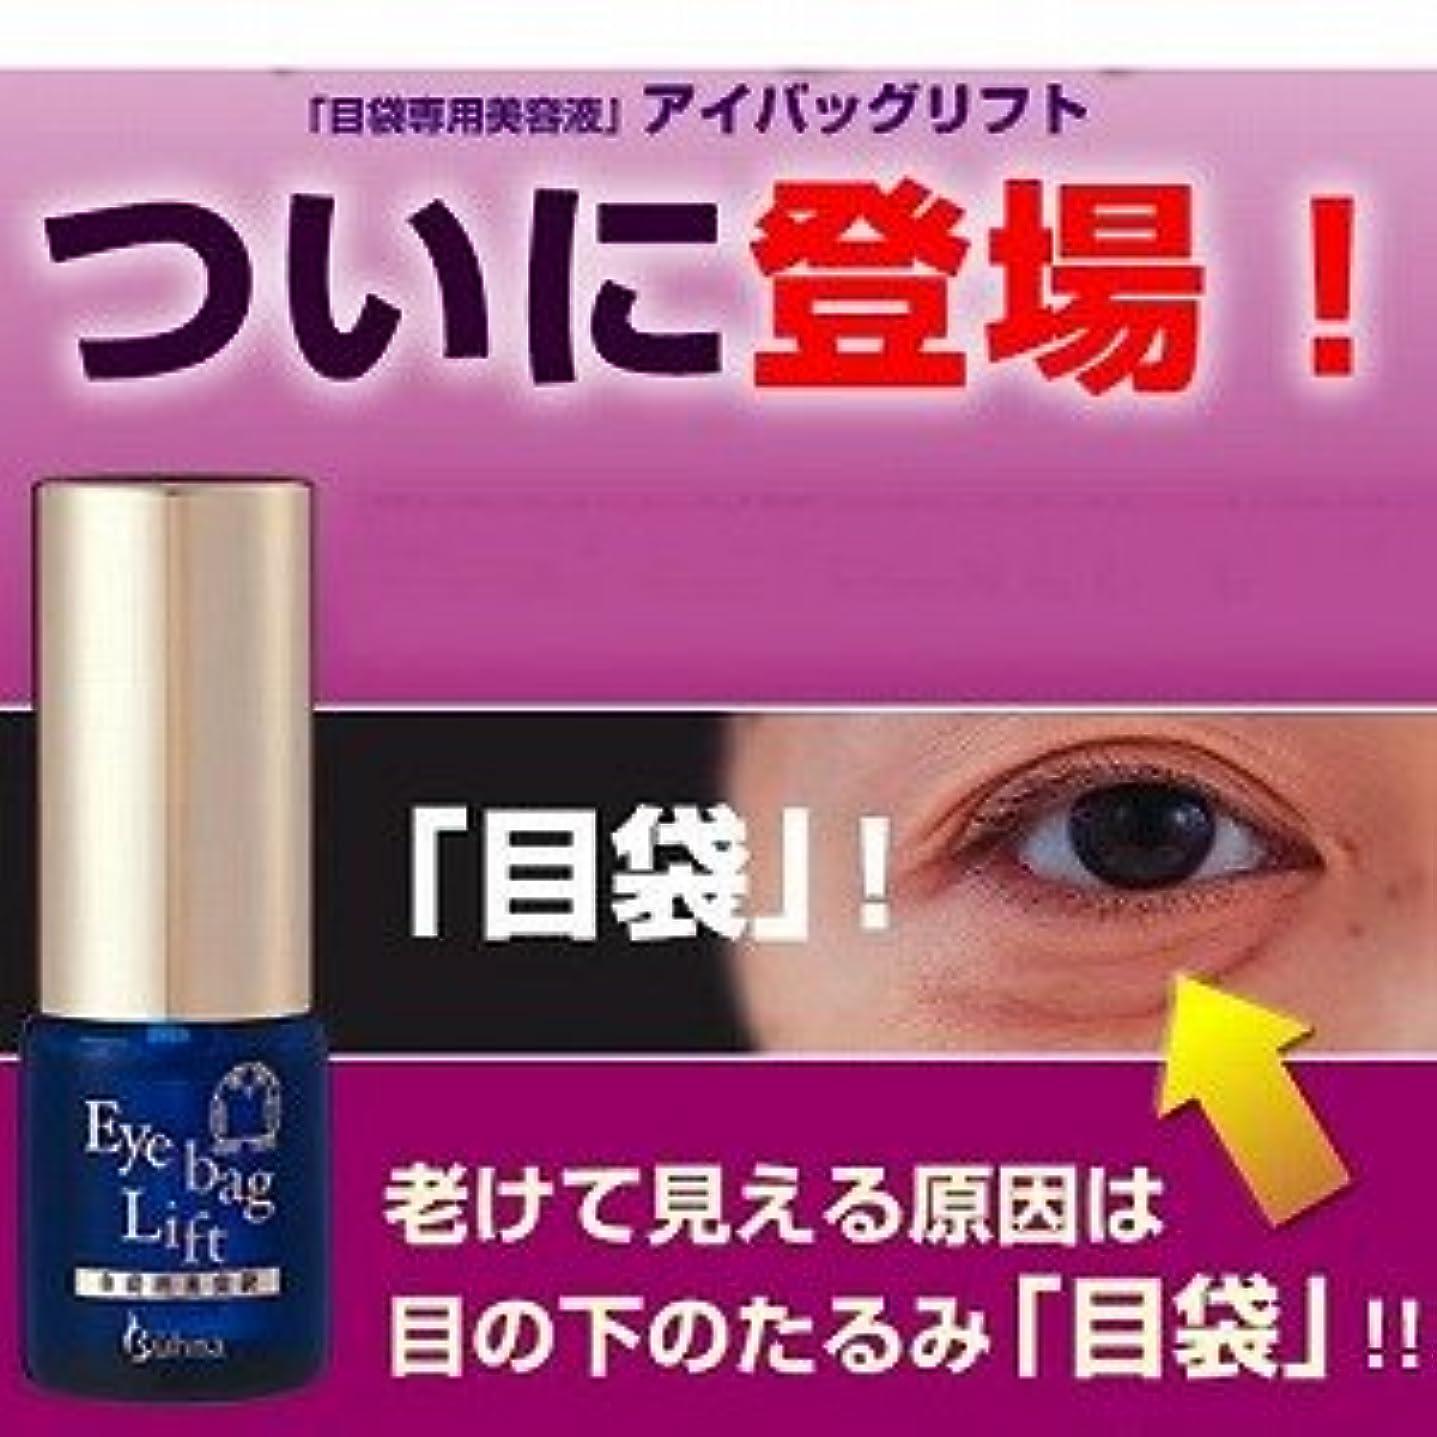 シンジケートビバおとこ老けて見える原因は、目元、目の下のたるみ「目袋」『目袋専用美容液 アイバッグリフト』